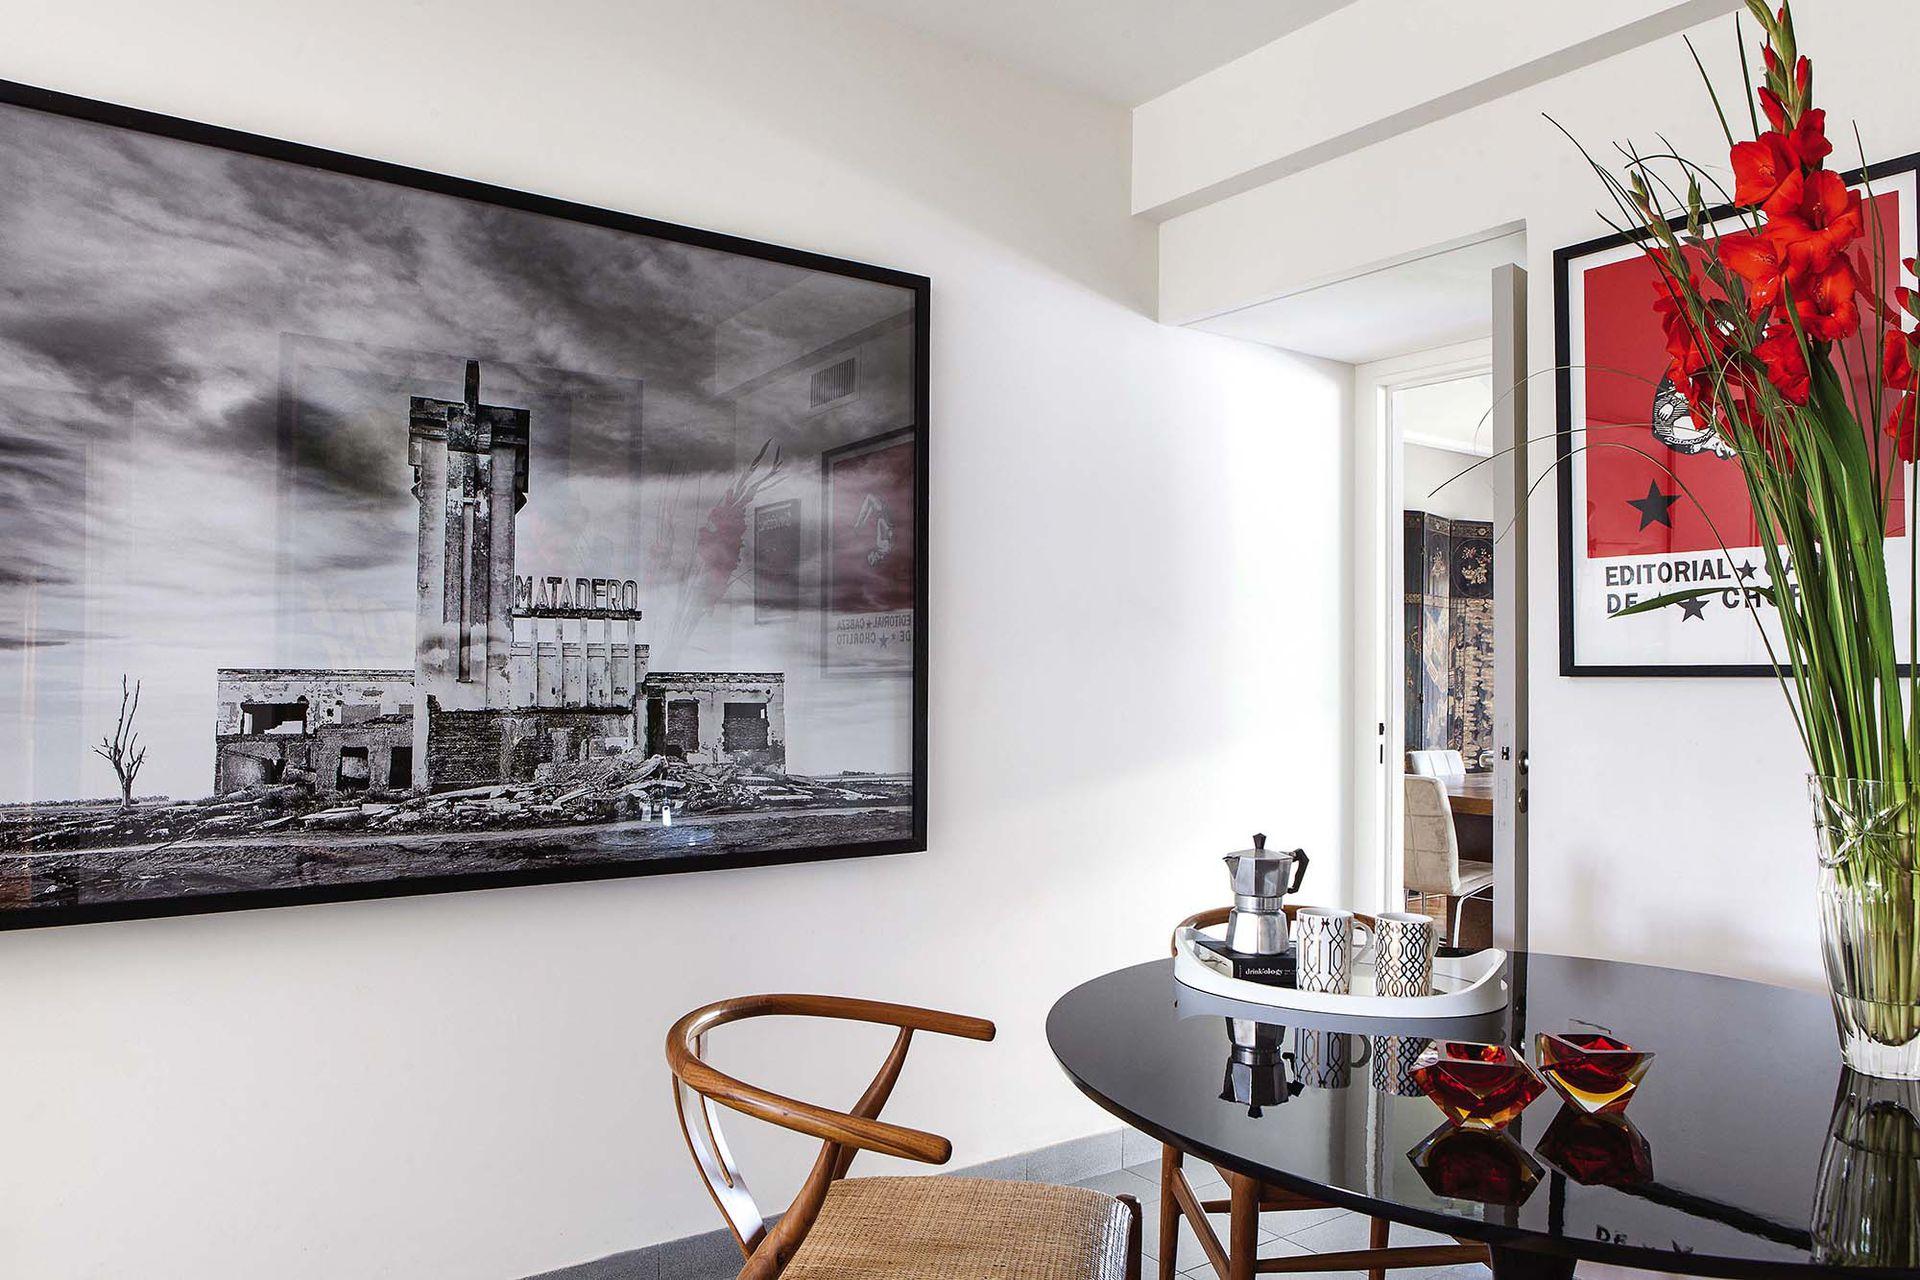 El matadero proyectado por el arquitecto Francisco Salamone en Carhué, en una foto firmada por Gonzalo Lauda, En el comedor diario, sillas 'Wishbone' con asiento de ratán y mesa 'Tulip' en su versión laca negra.